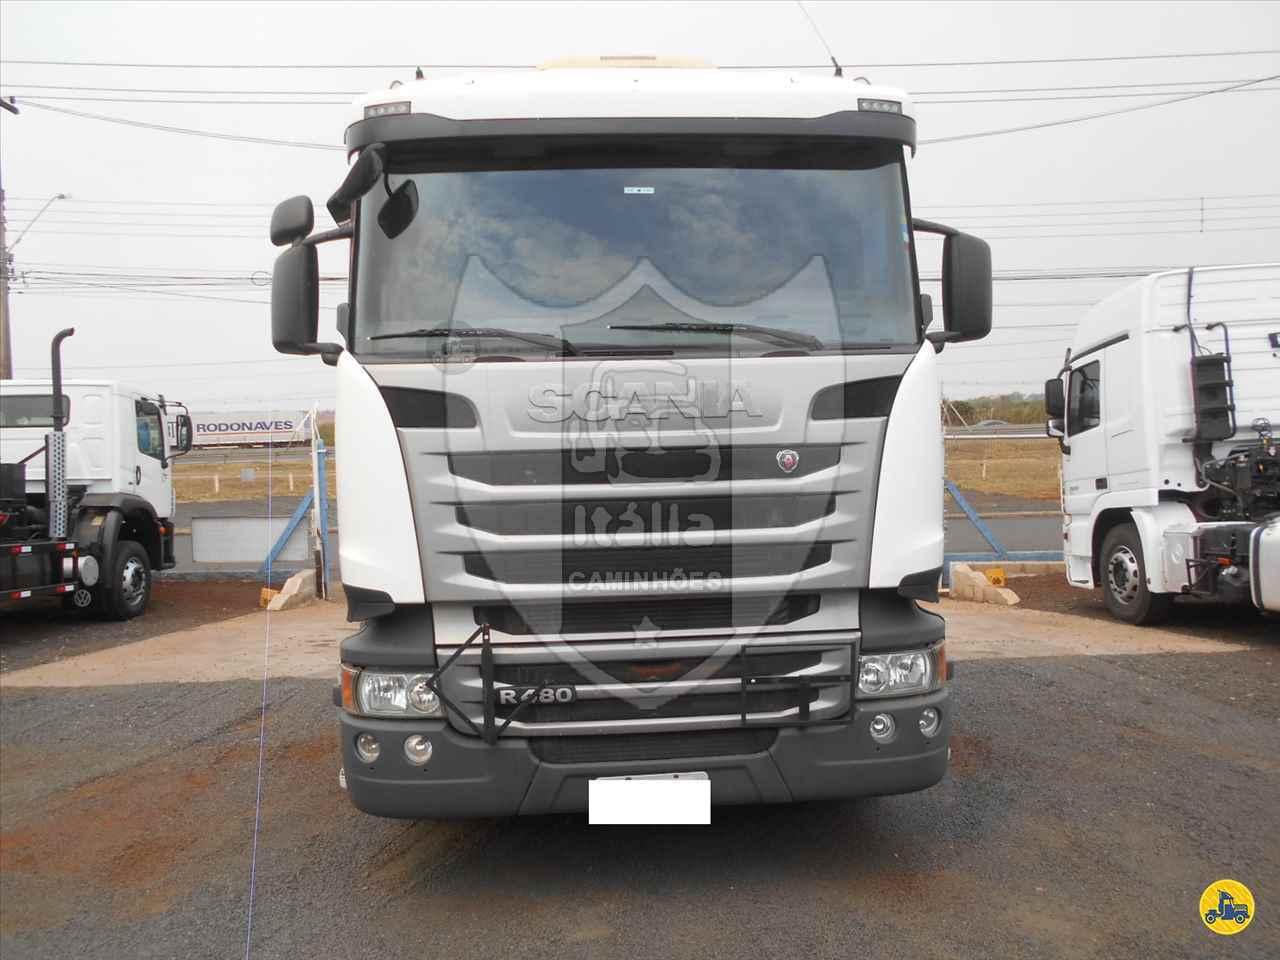 SCANIA 480 de Itália Caminhões - RIBEIRAO PRETO/SP